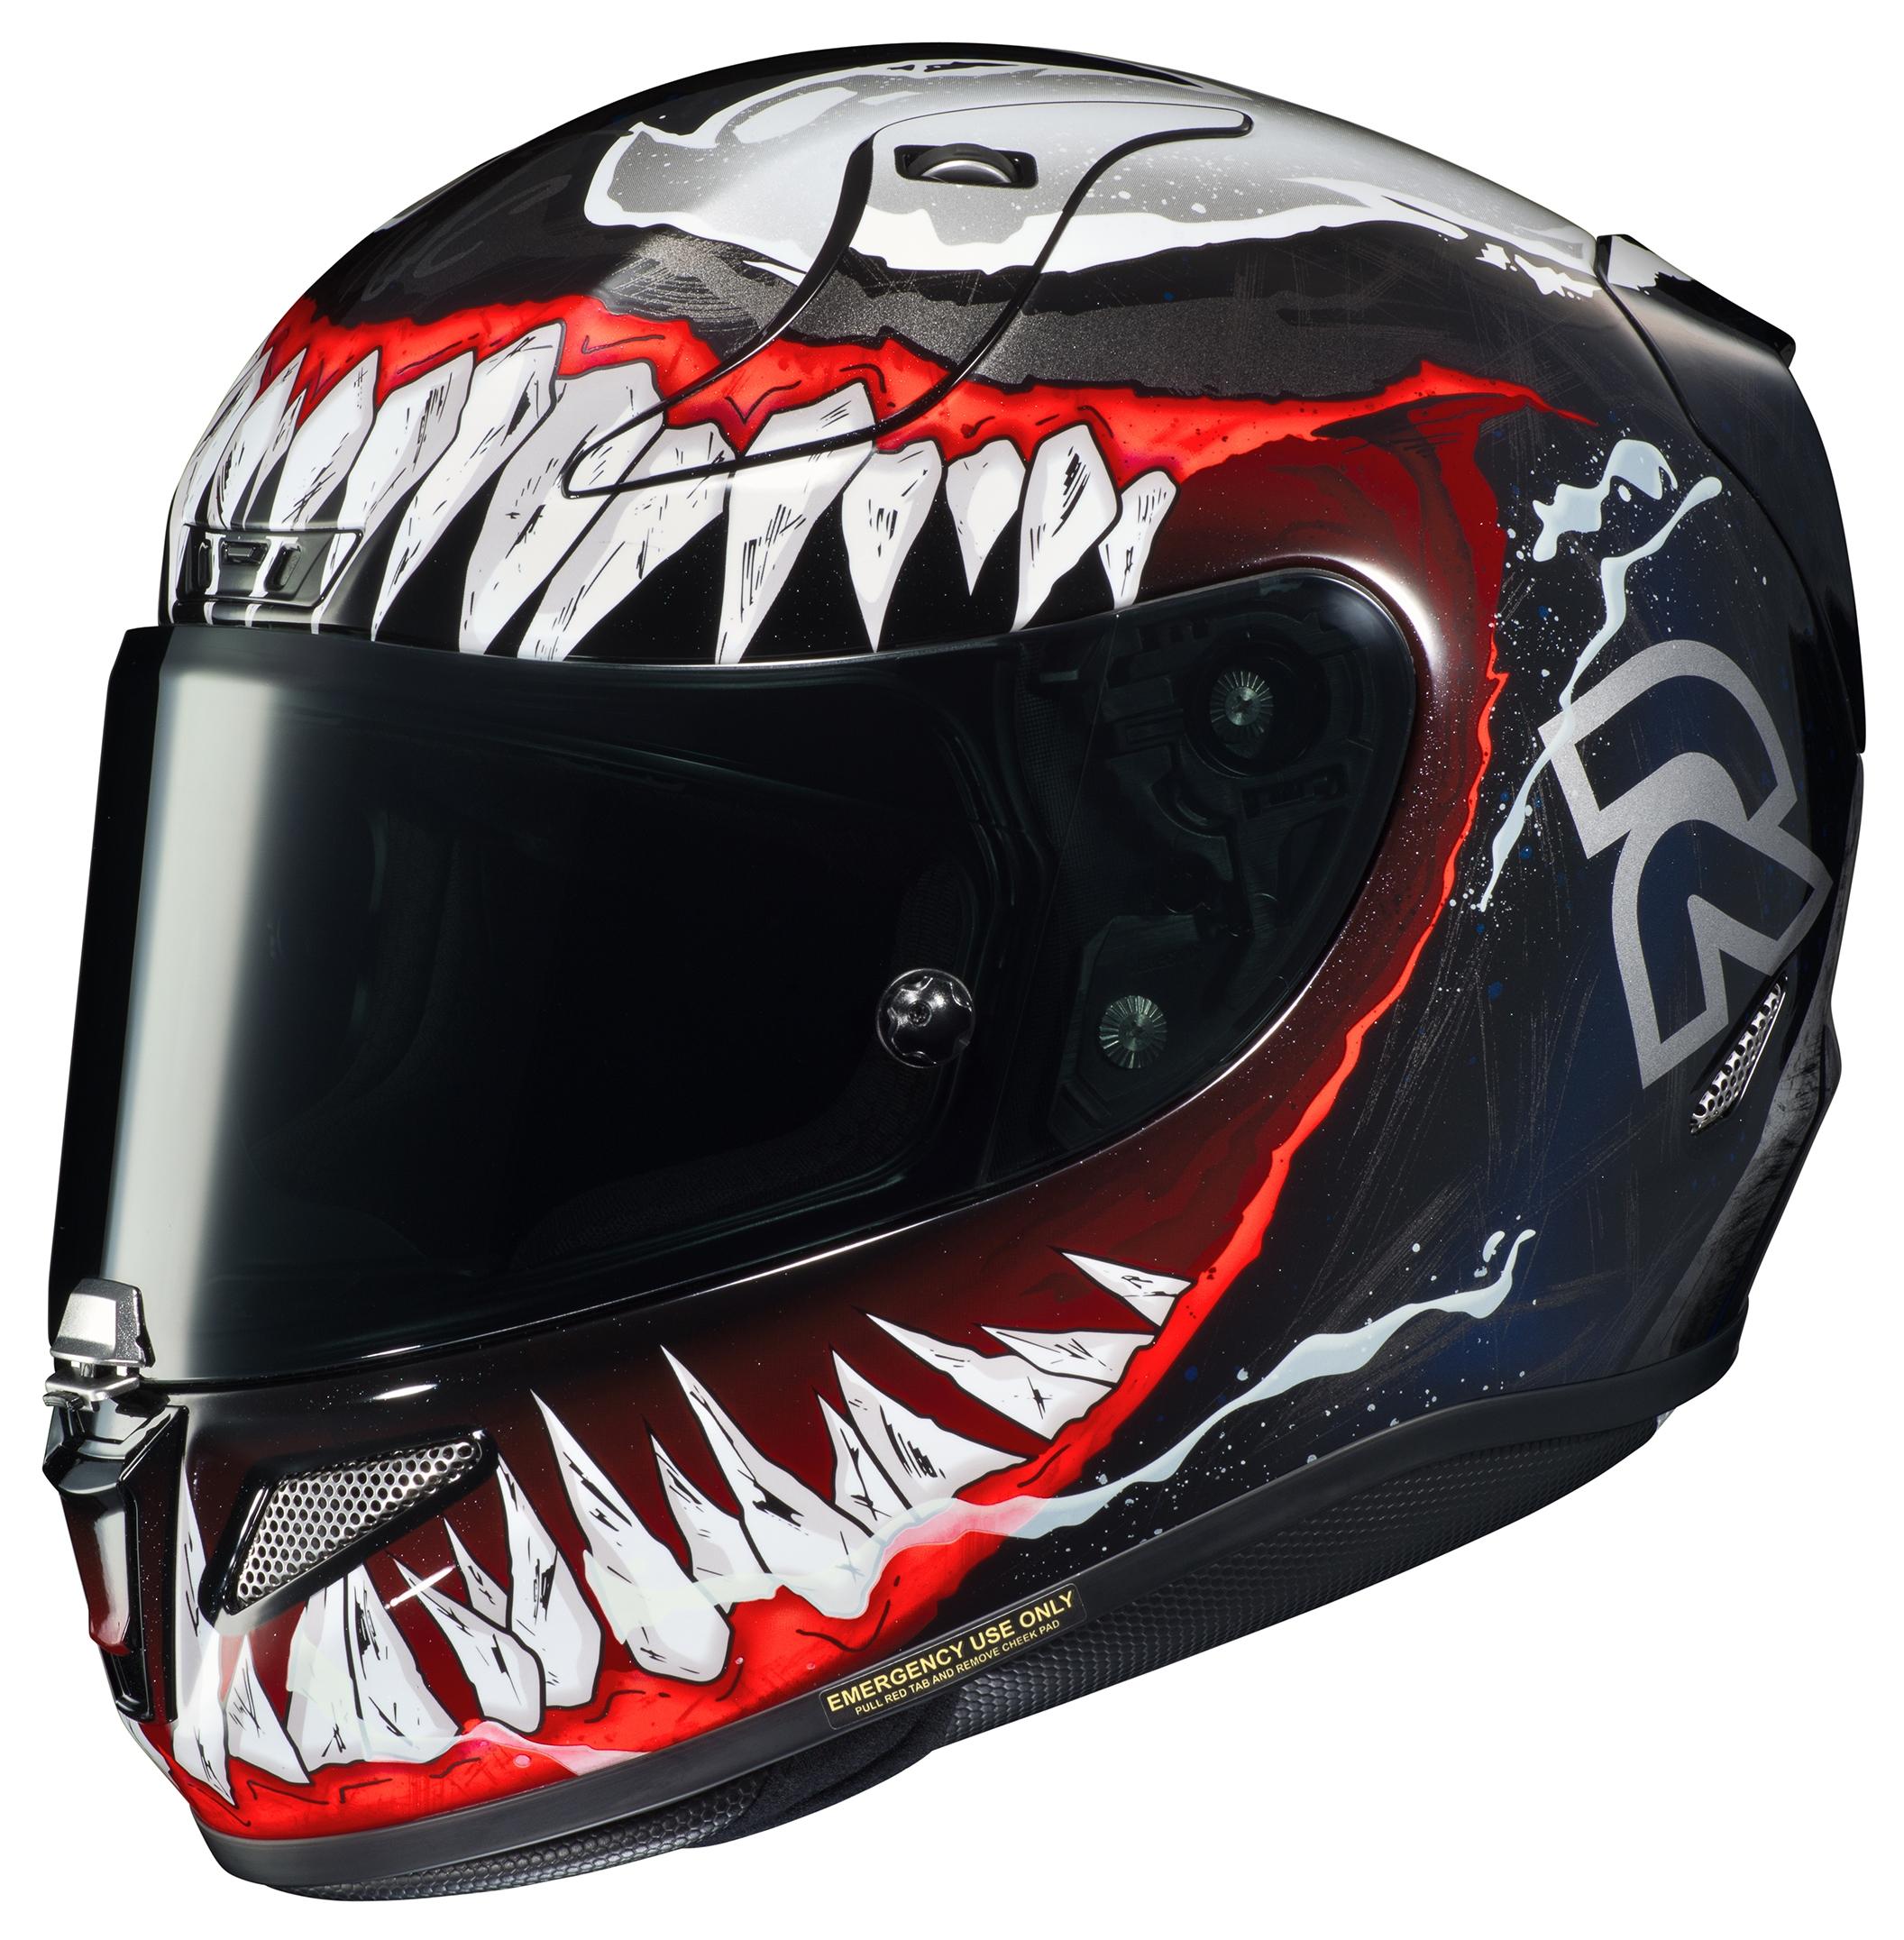 Hjc Rpha 11 >> Hjc Rpha 11 Pro Venom 2 Helmet 10 60 50 Off Revzilla